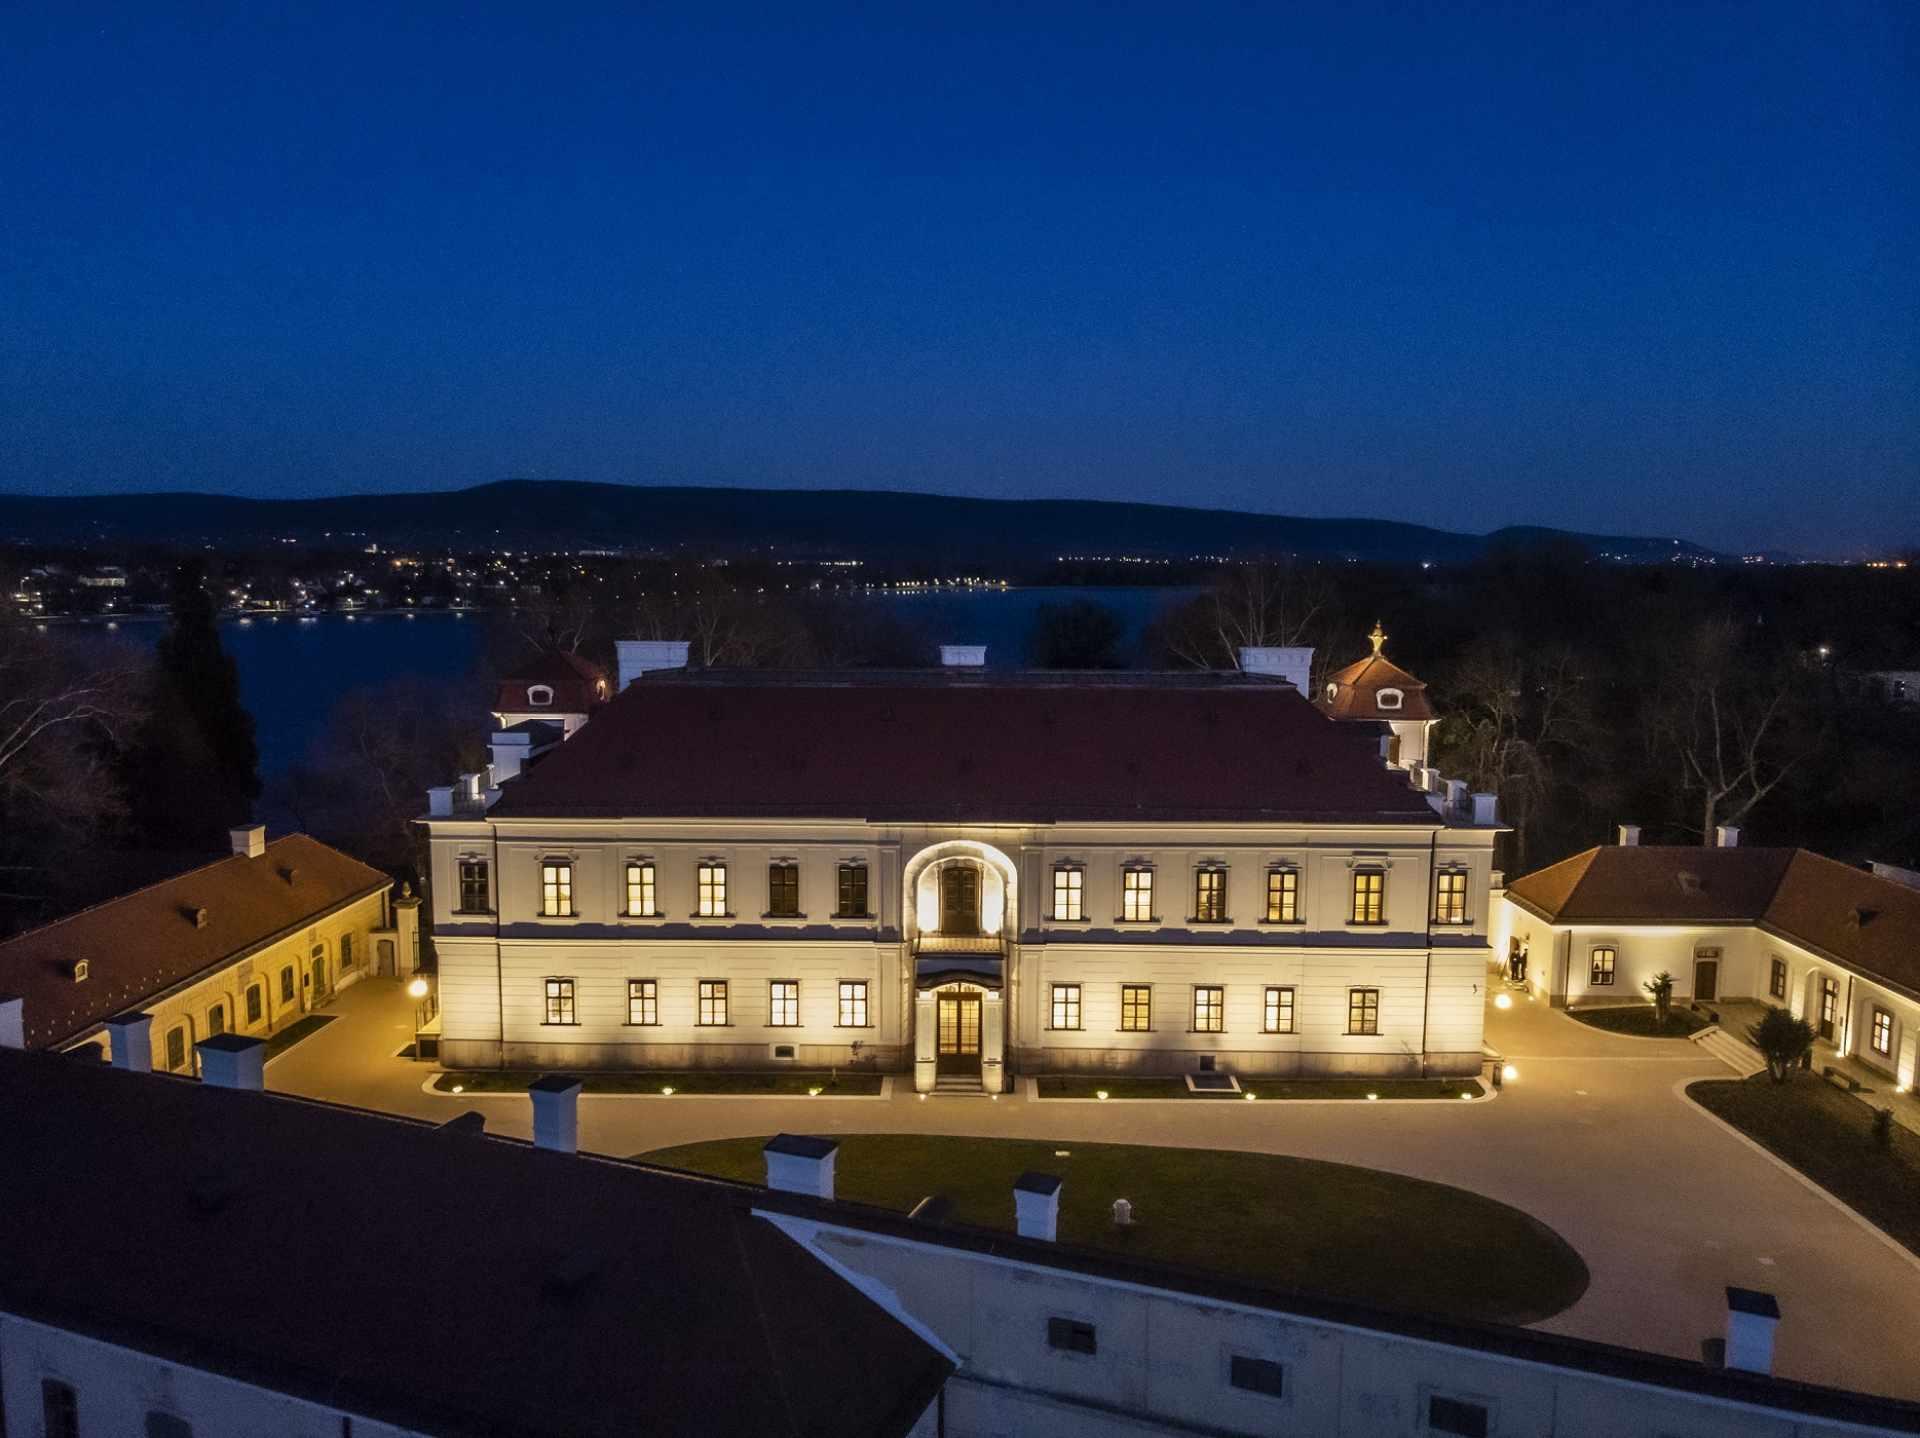 Az Esterházy-kastély (Nemzeti Örökségvédelmi Fejlesztési Nonprofit Kft. a kép készítője: Kovács Zoltán)